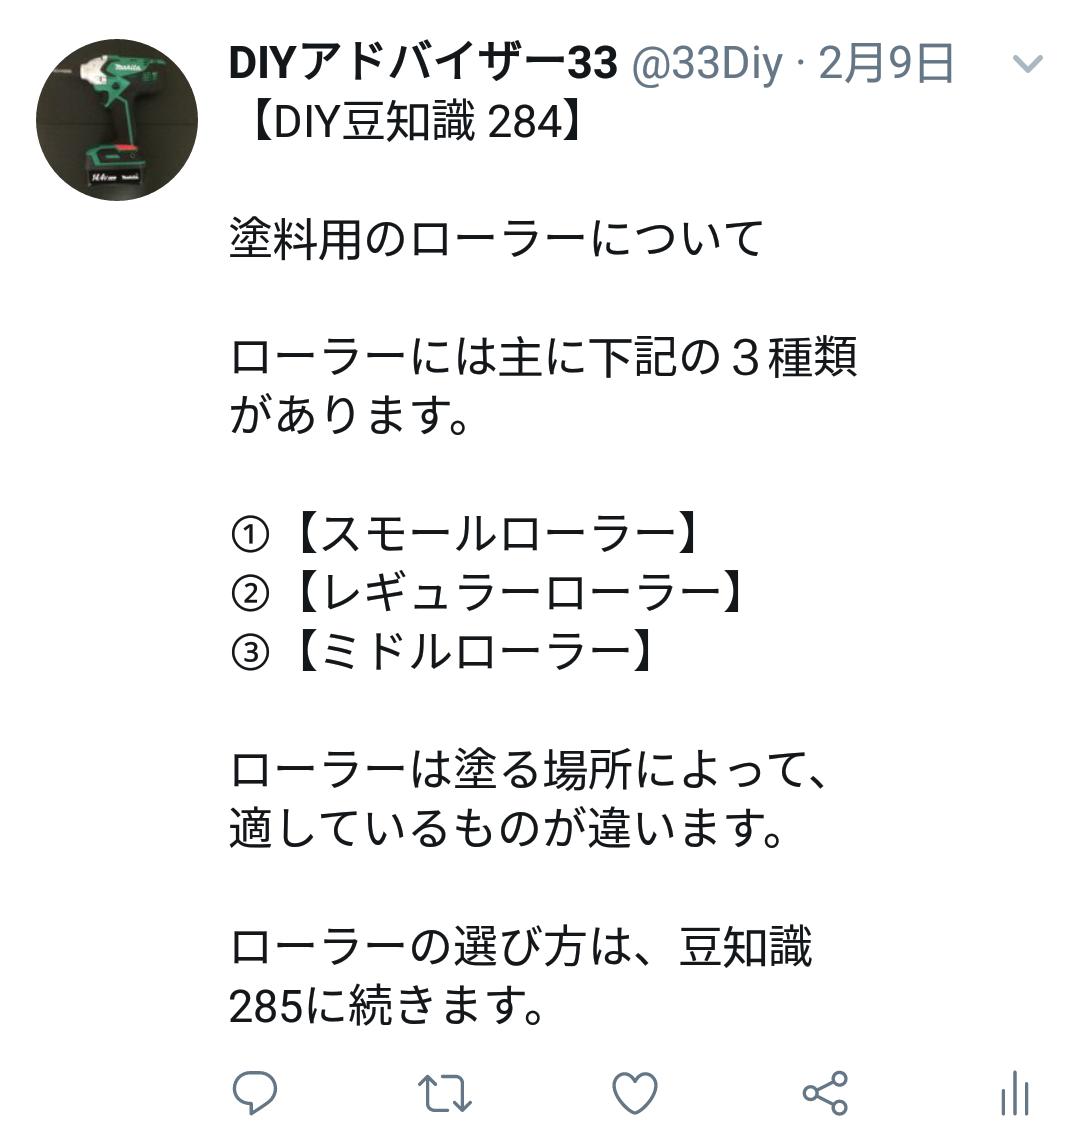 f:id:DIY33:20190409170557p:plain